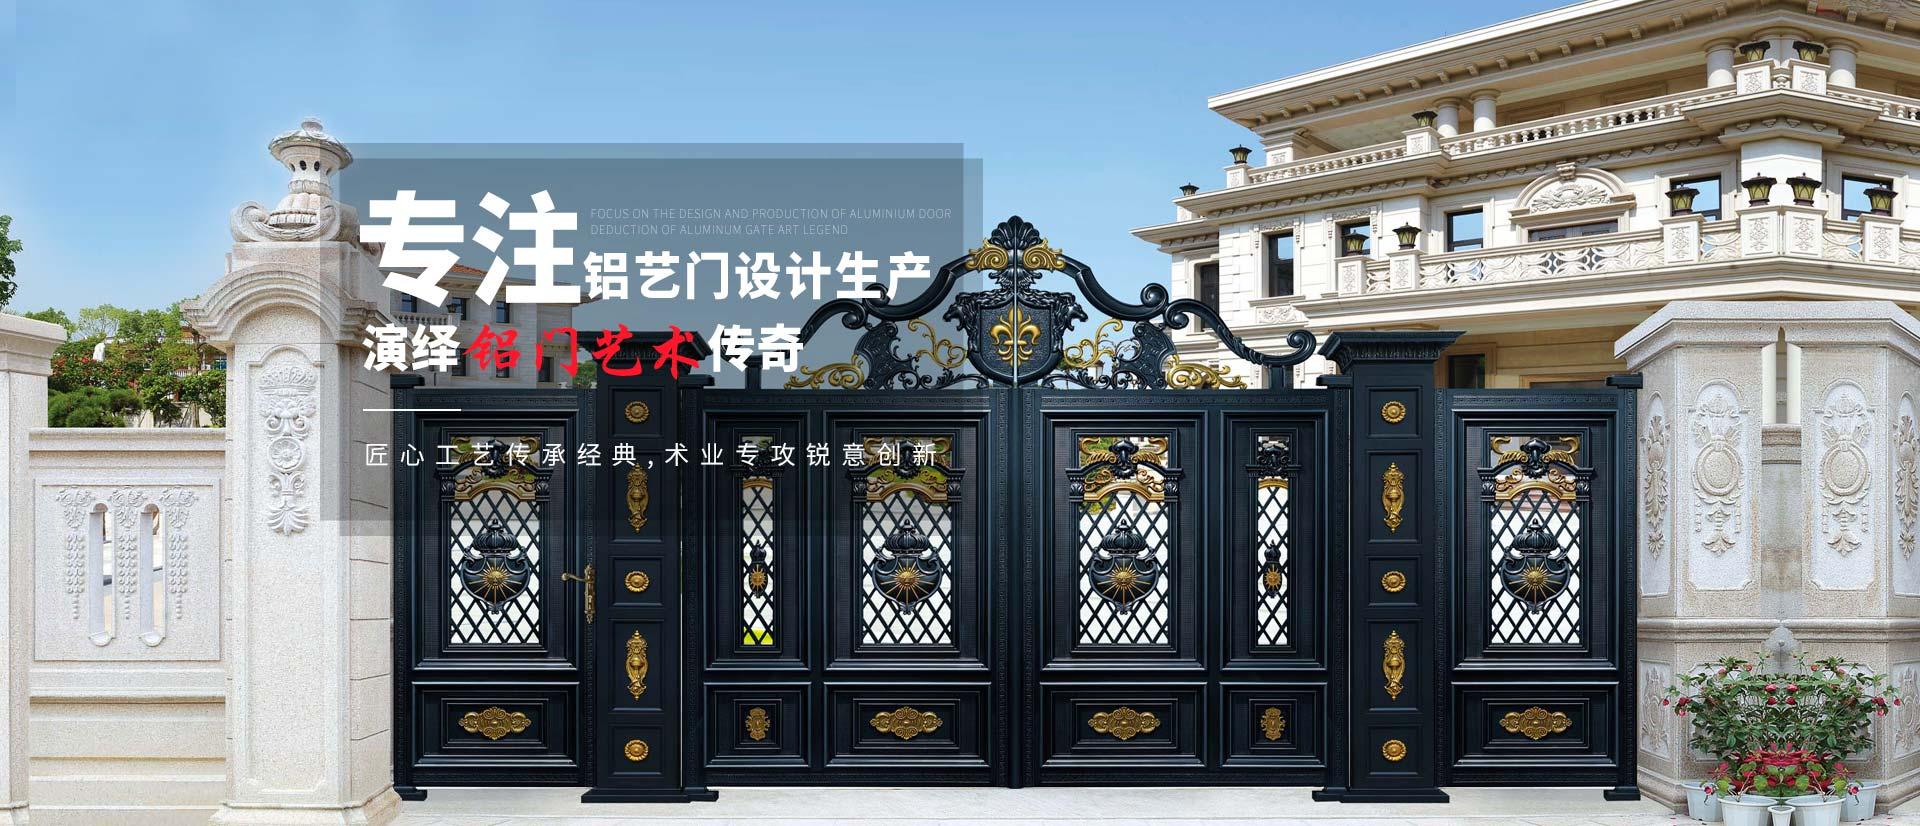 汉仁铝艺别墅大门厂家,专注铝艺别墅门设计生产 · 演绎铝门艺术传奇